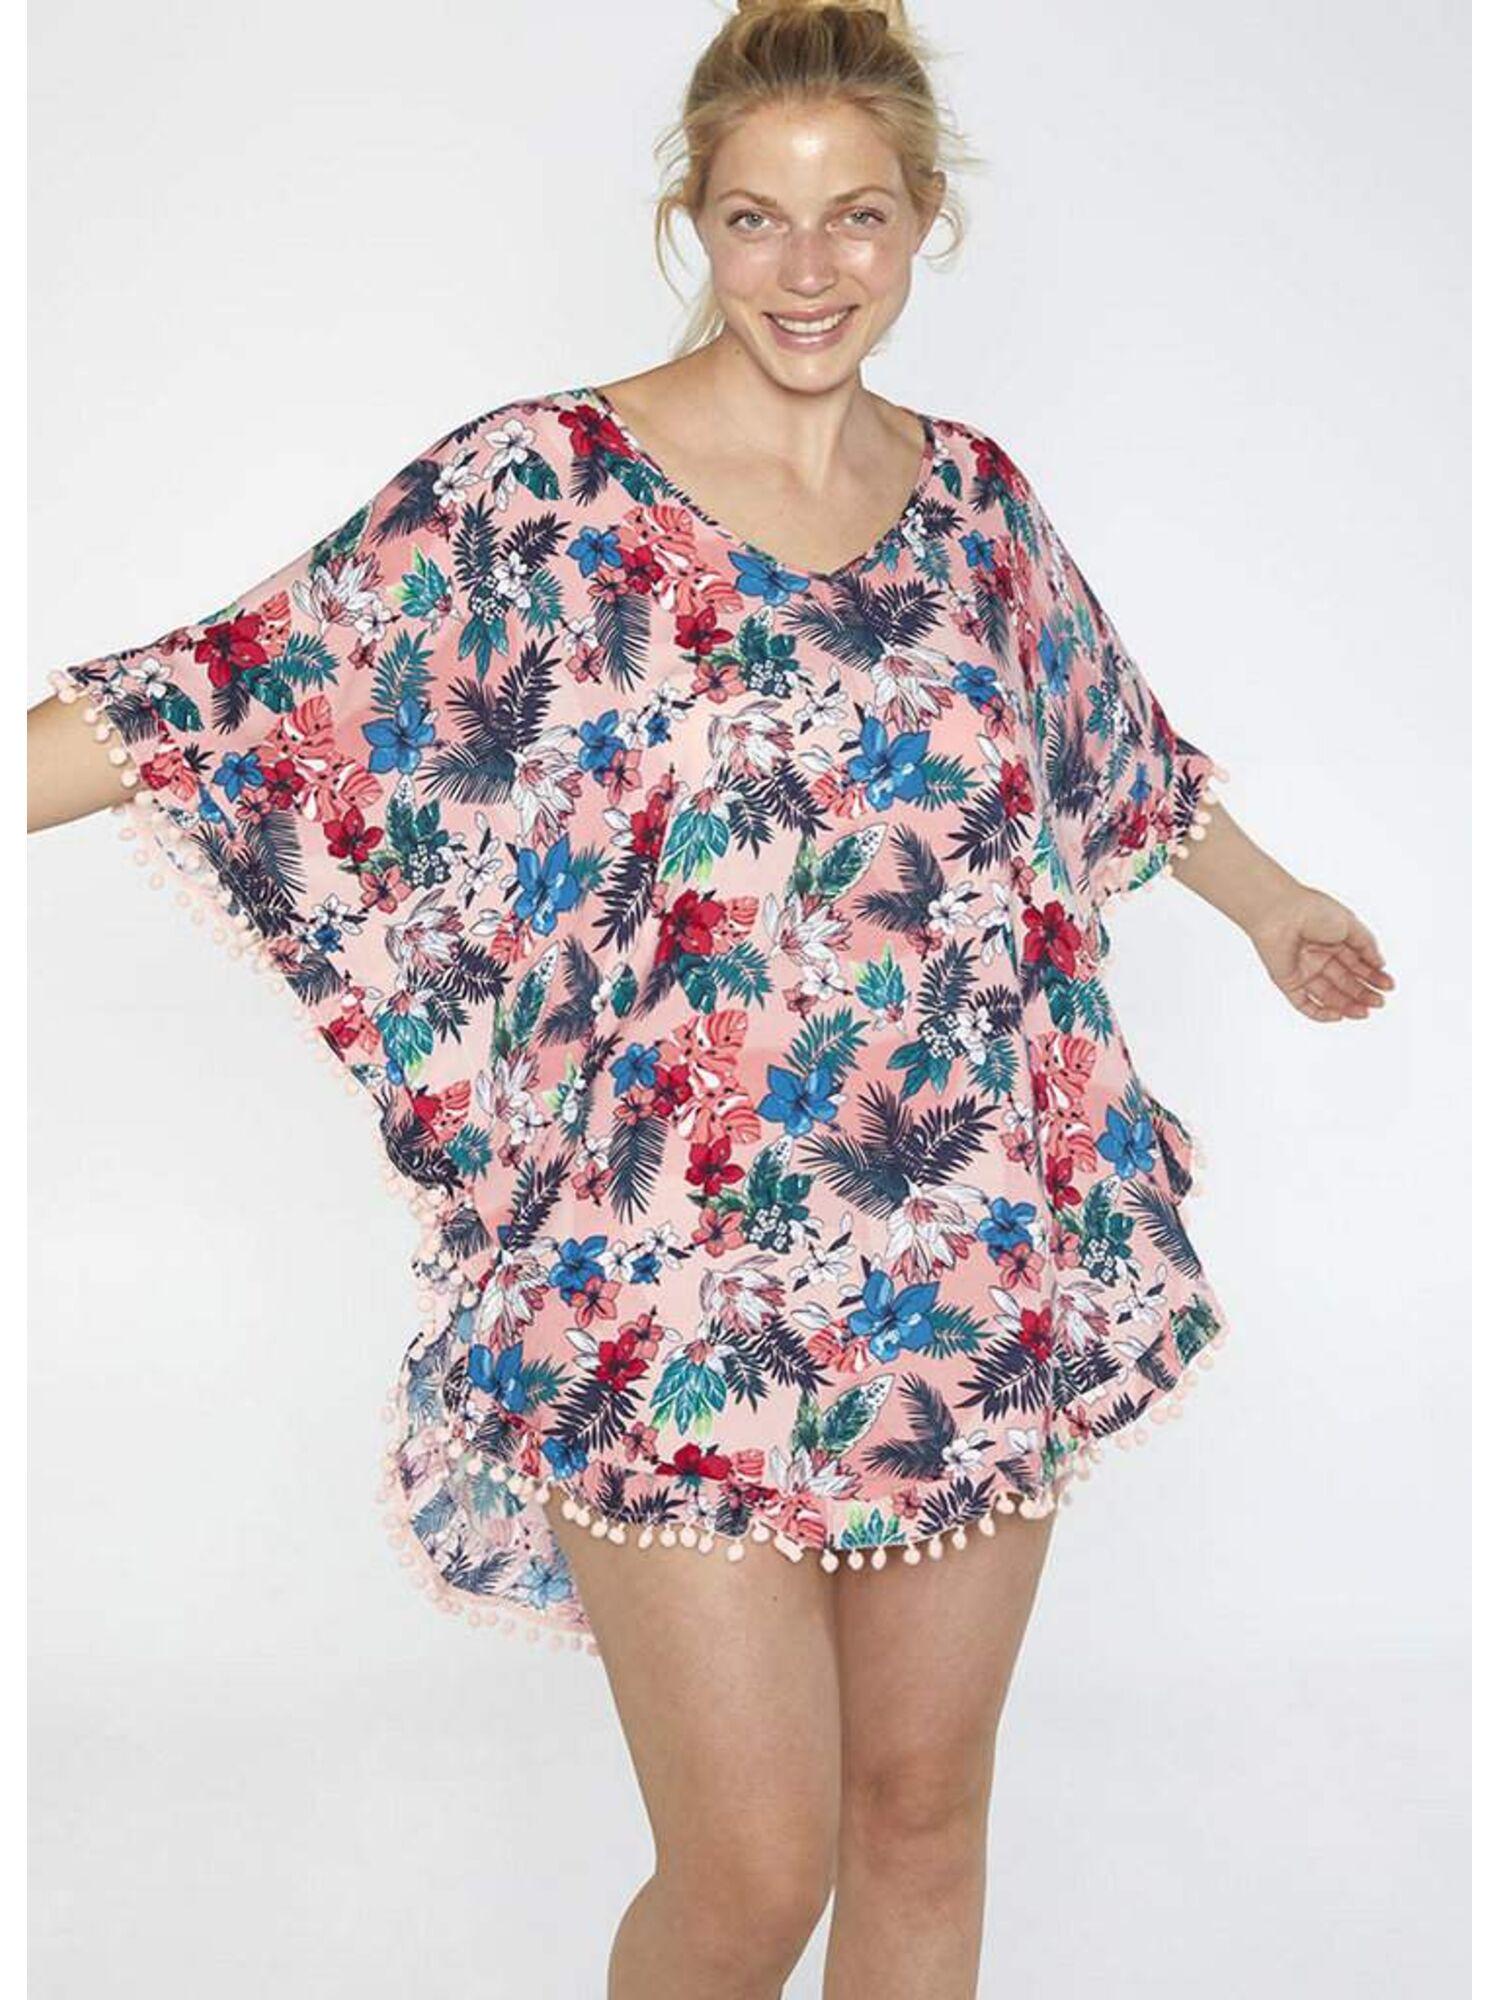 Женское платье-парео пляжное из вискозы 85642 мульти, Ysabel Mora (Испания)